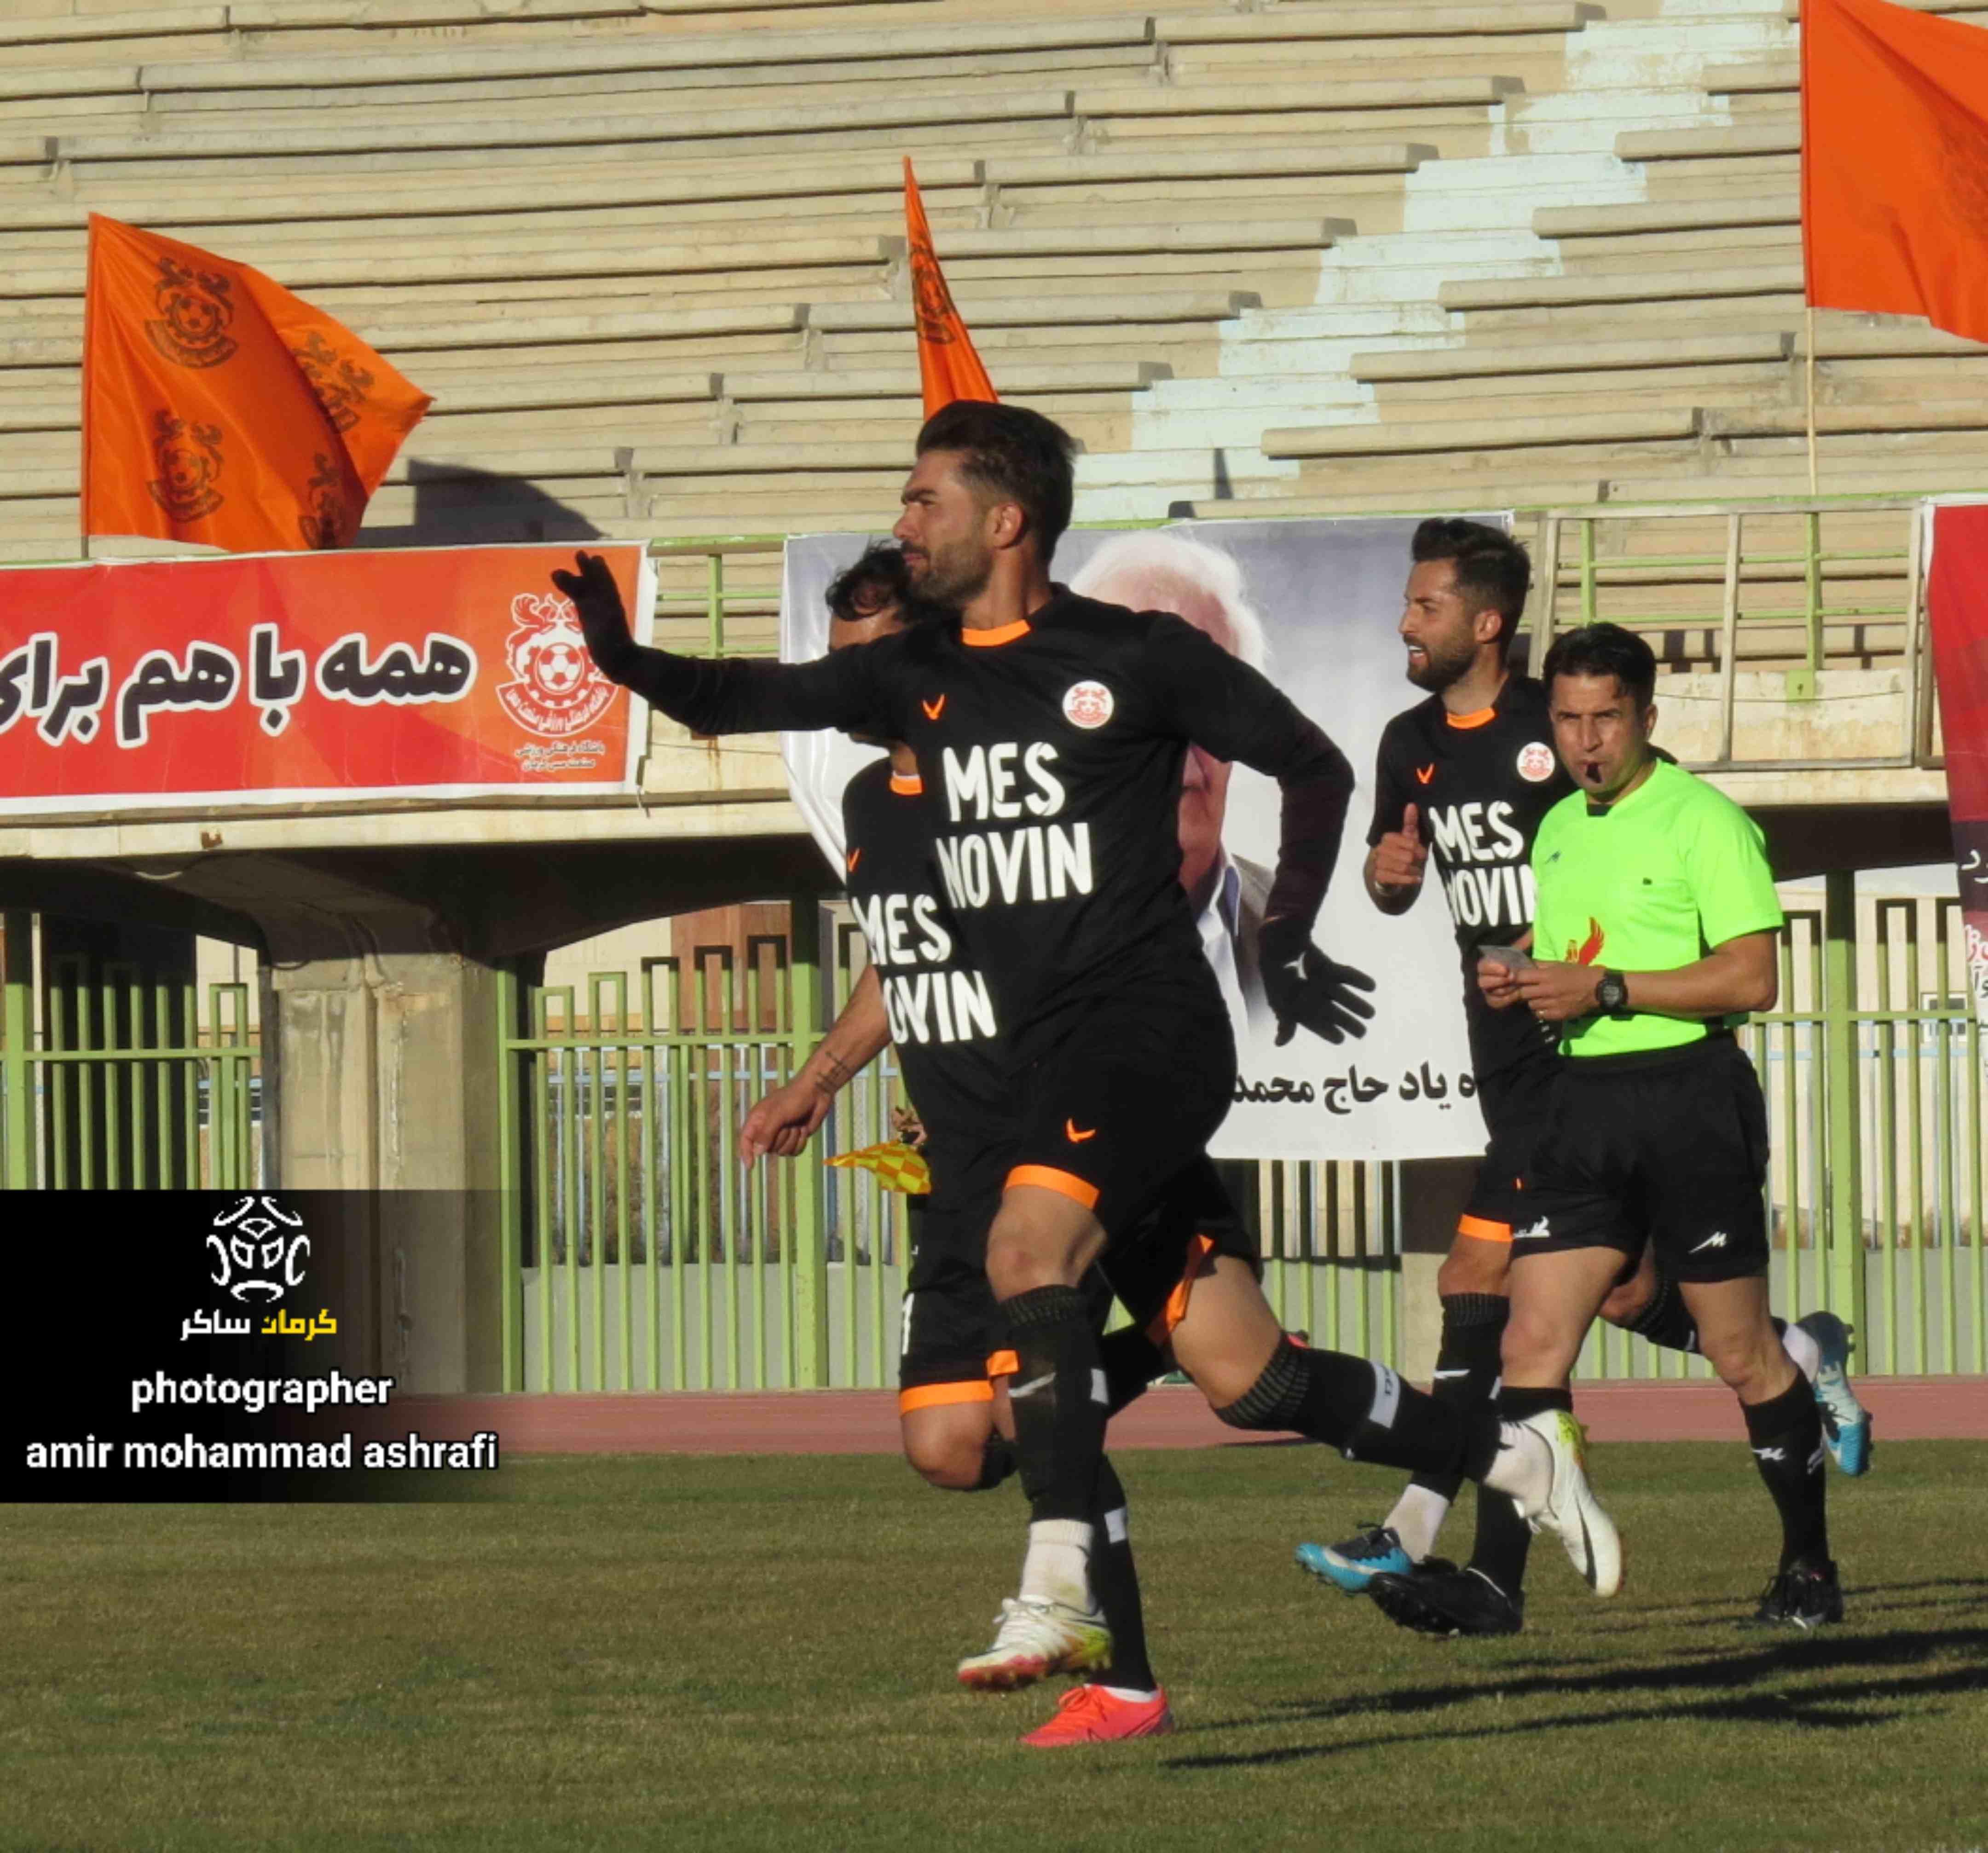 گزارش تصویری: هفته سوم لیگ دسته دوم فوتبال کشور/ مس نوین - ویستا توربین تهران از دریچه دوربین امیرمحمد اشرفی